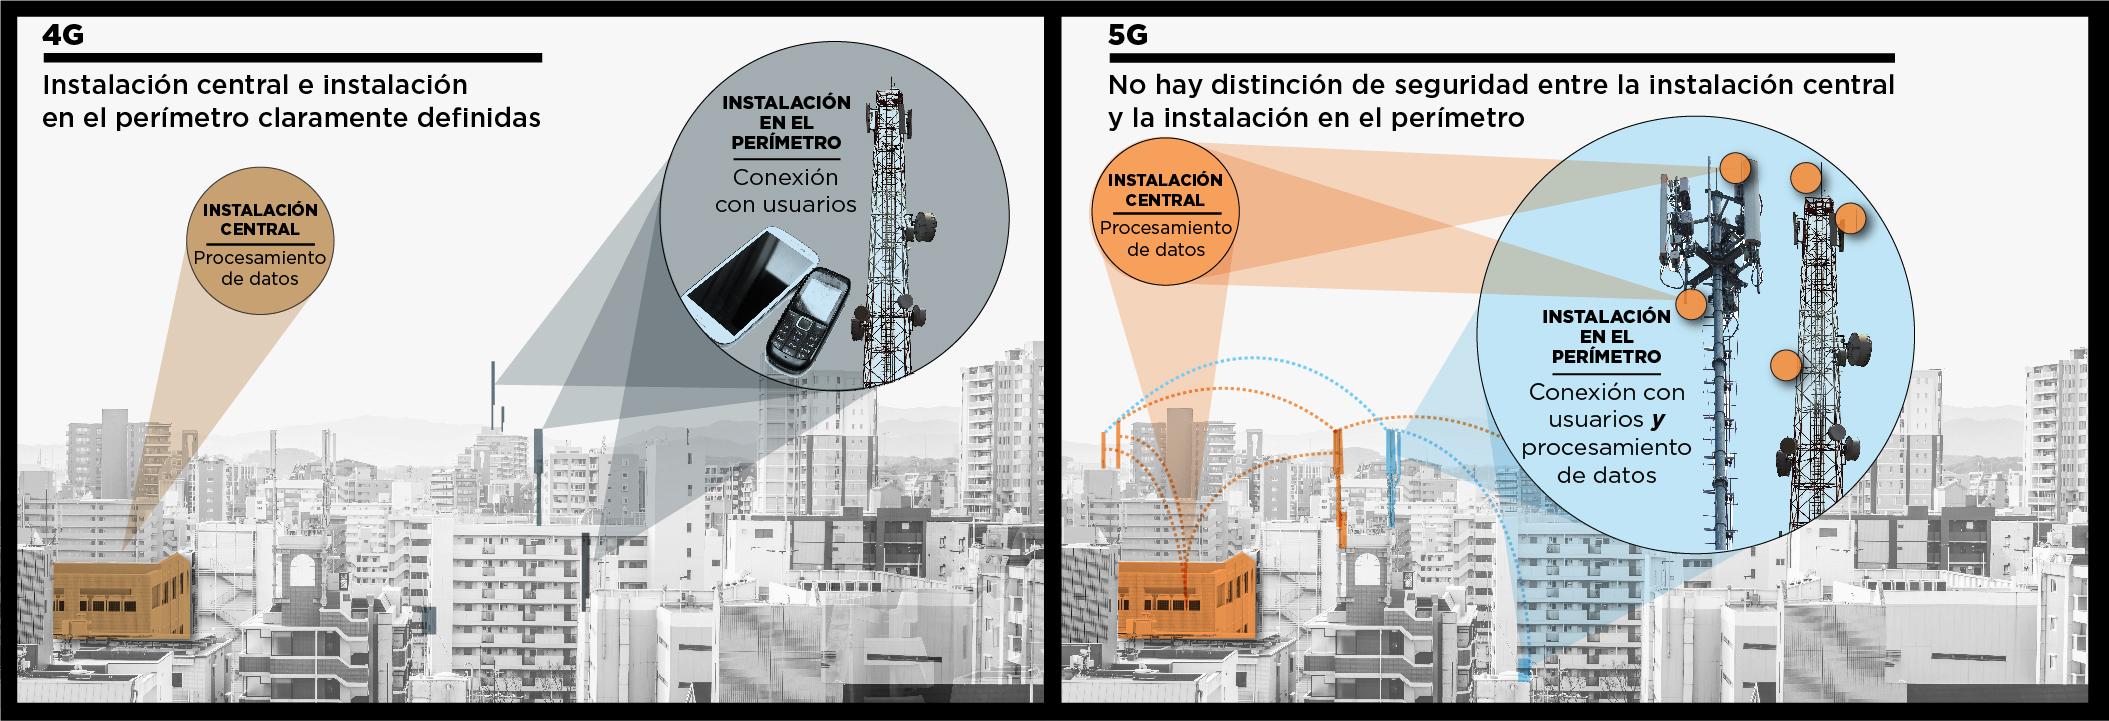 Infografía con paisajes urbanos y texto que compara las redes 4G y 5G (Depto. de Estado/S. Gemeny Wilkinson)